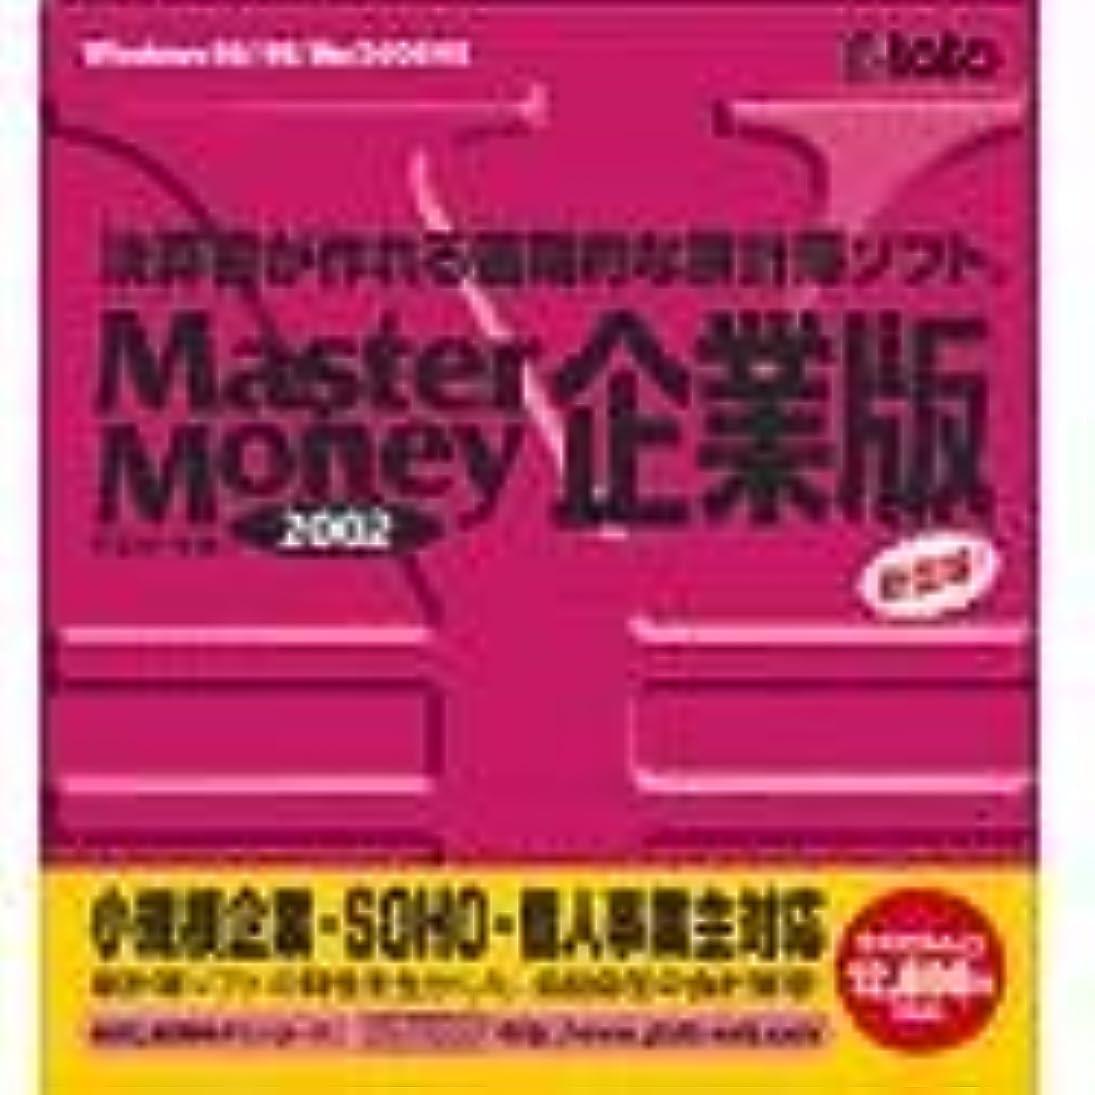 激しい塩急流Master Money 2002 企業版